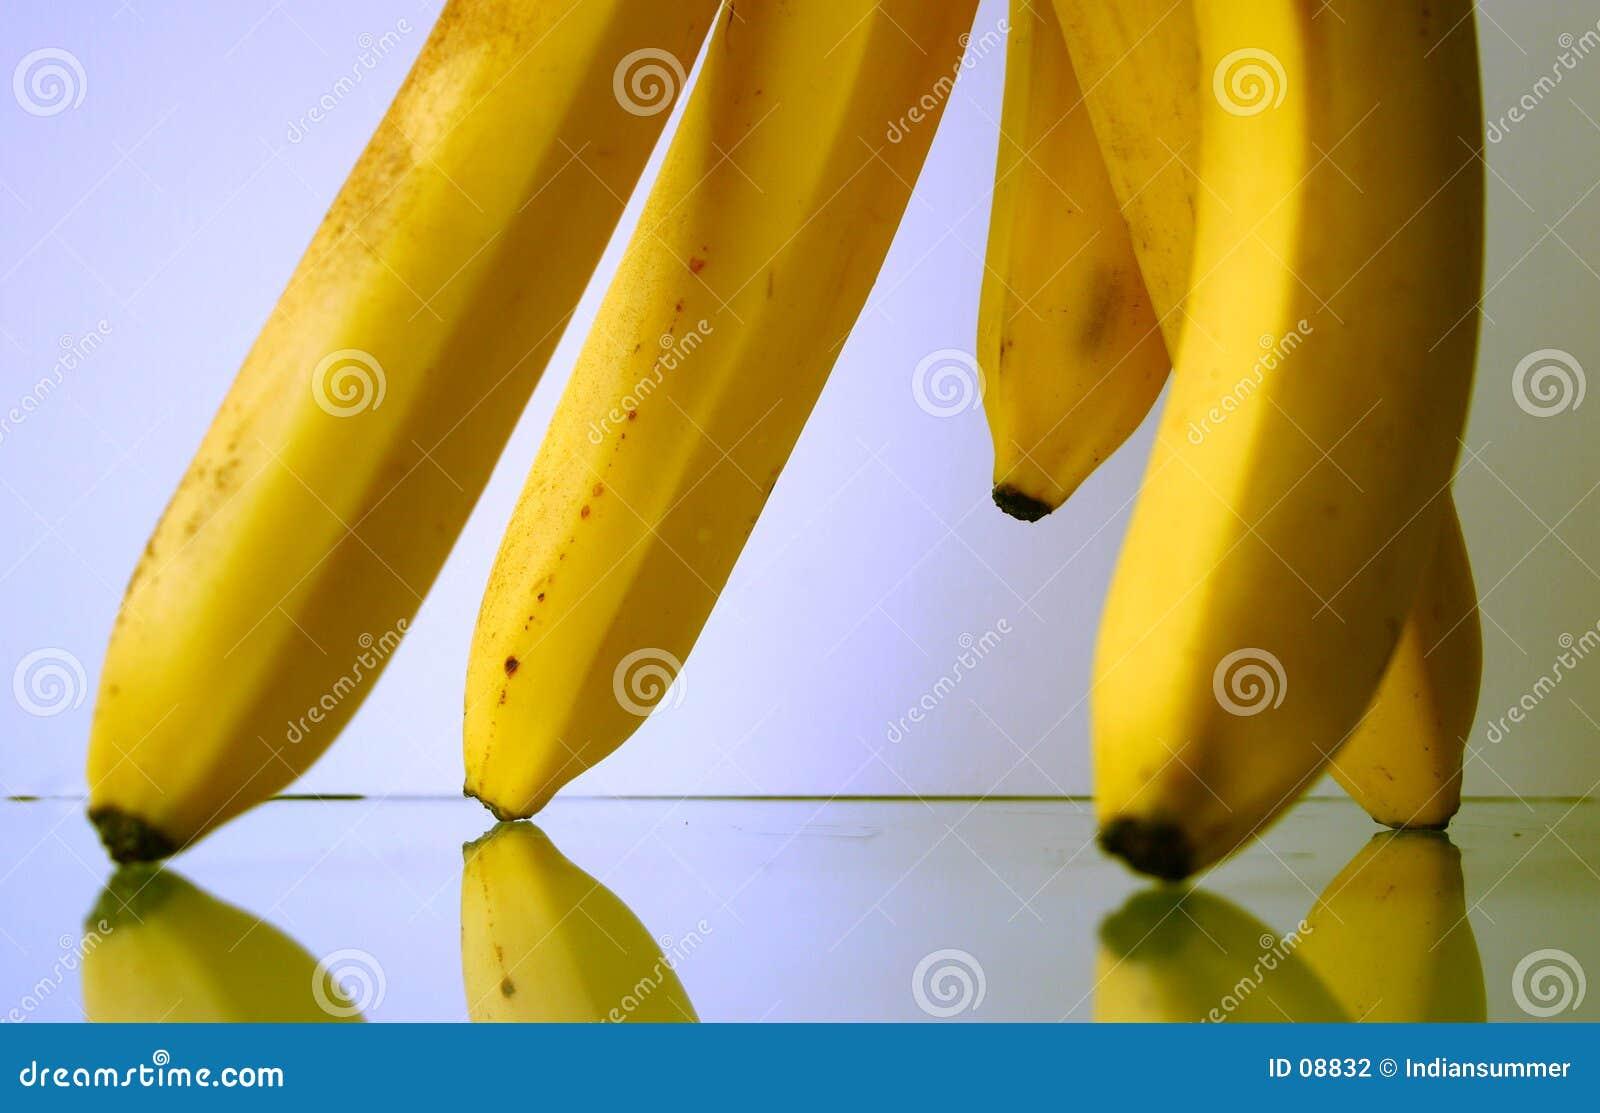 Parade II van bananen